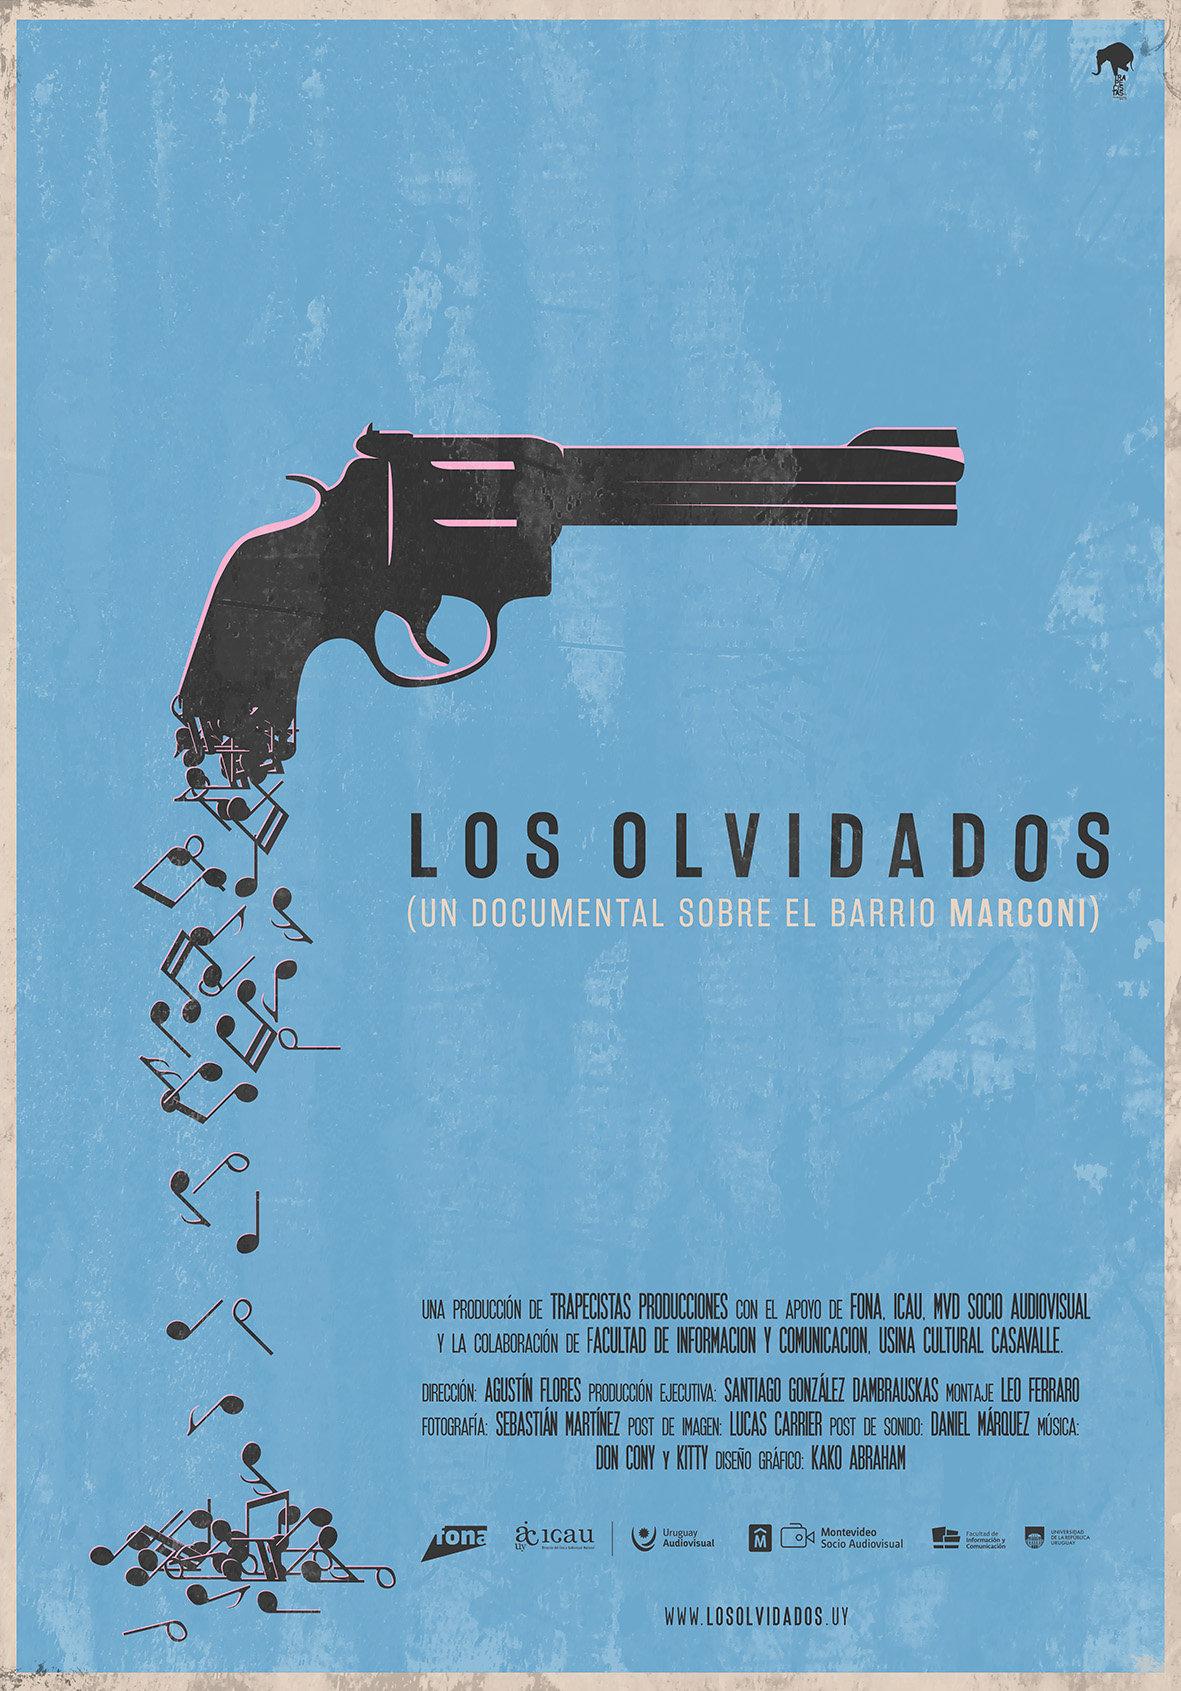 Afiche del documental Los Olvidados, sobre la problemática que enfrentan los habitantes del barrio Marconi de Montevideo